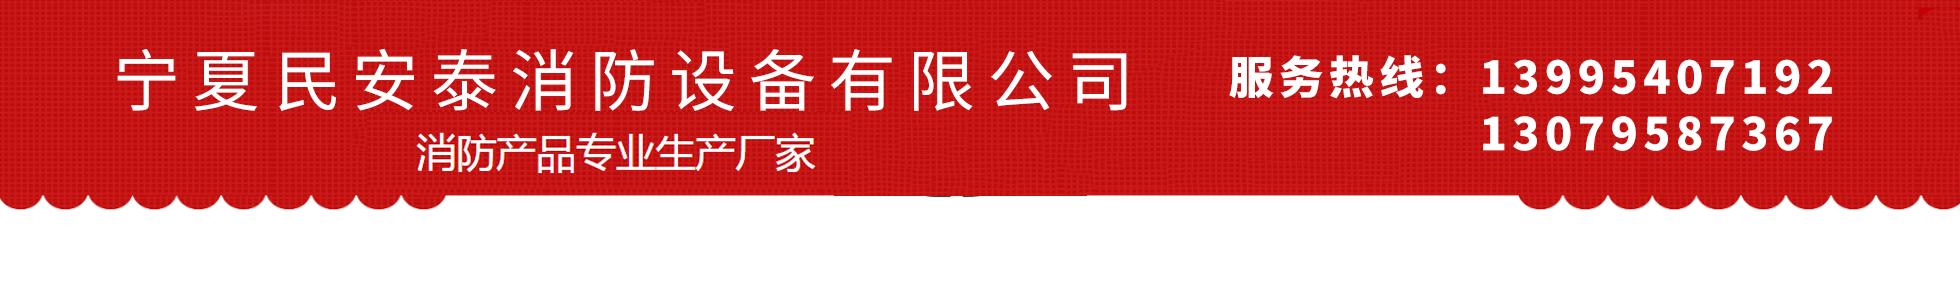 宁夏消防设备-银川消防器材-宁夏消防管件-银川灭火器维修-宁夏防火门-银川消火栓箱